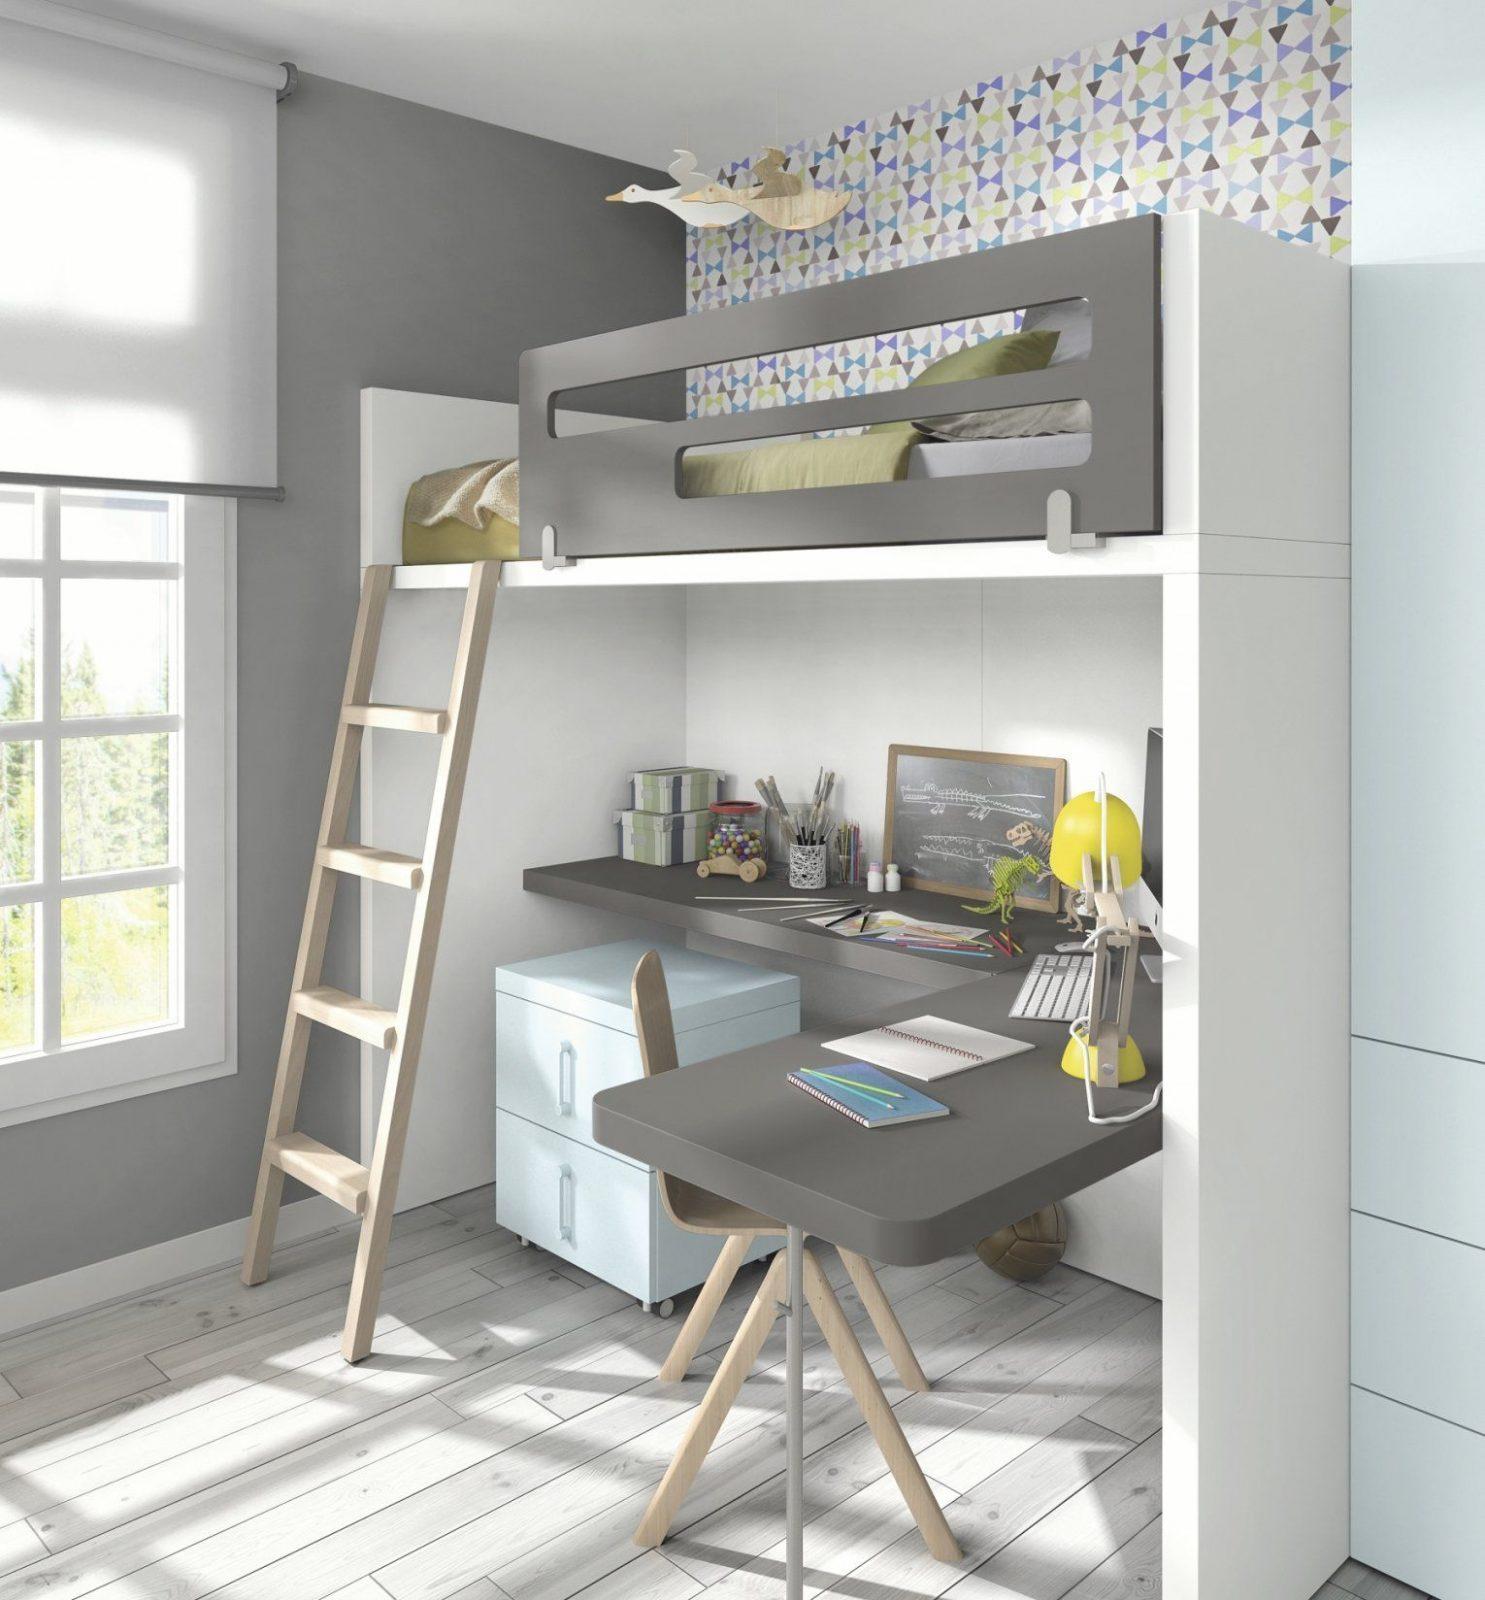 Coole deko ideen f r jugendzimmer haus design ideen for Jugendzimmer madchen deko ideen